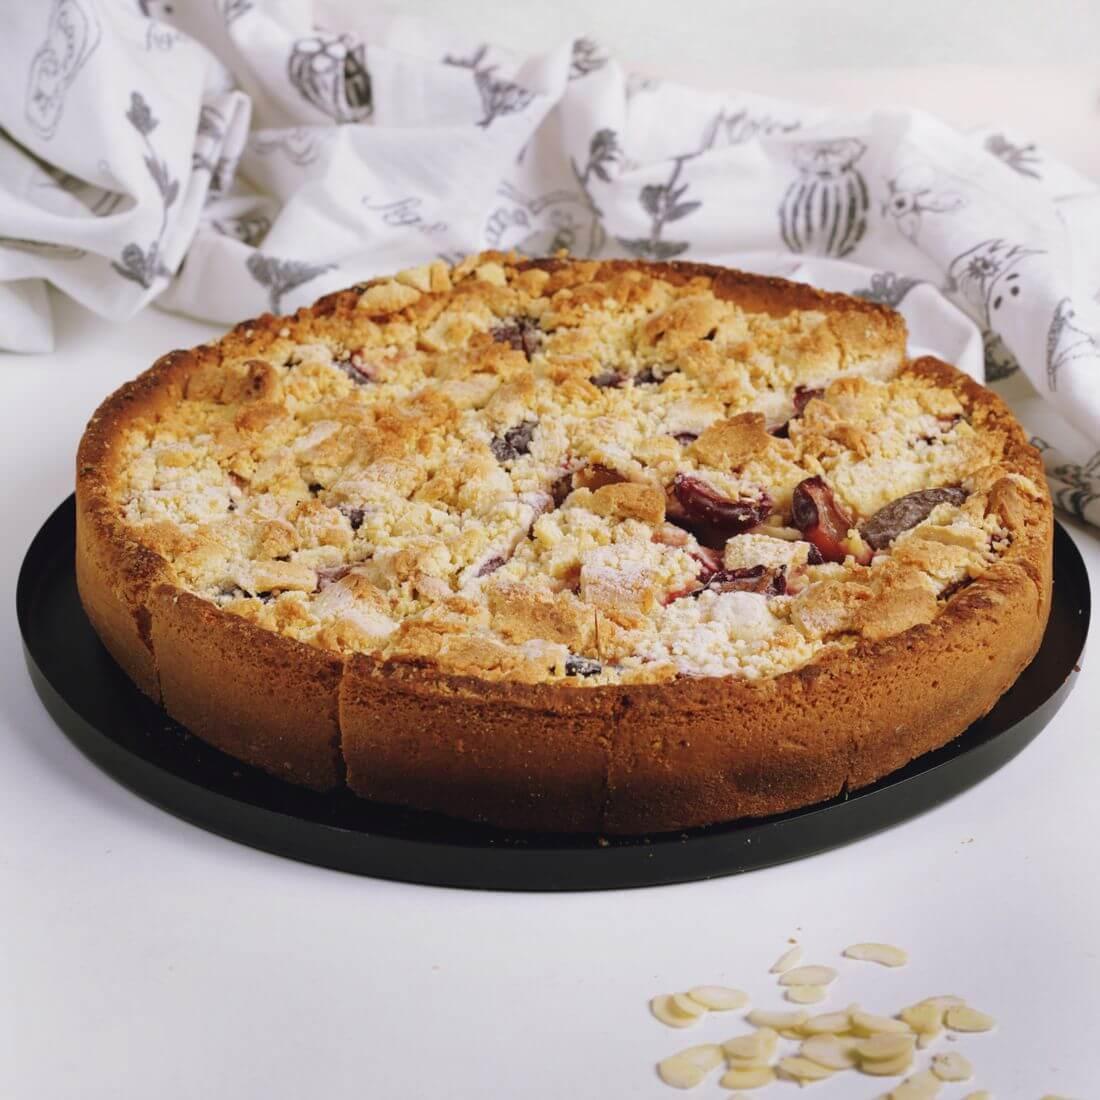 Пирог премиальный сливовый с масляной крошкой